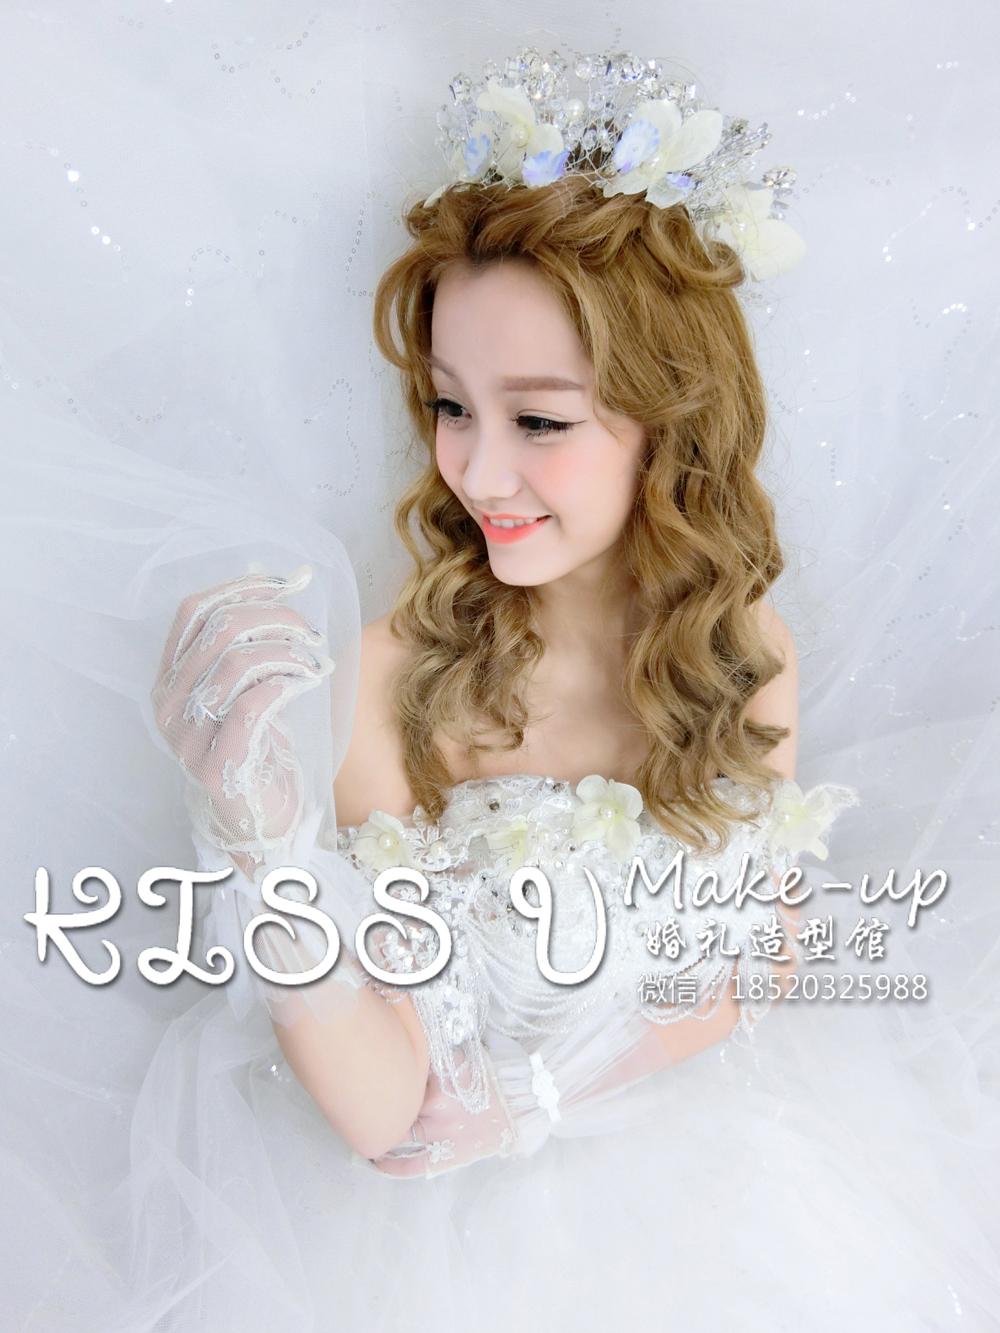 新娘皇冠造型欣赏-kiss